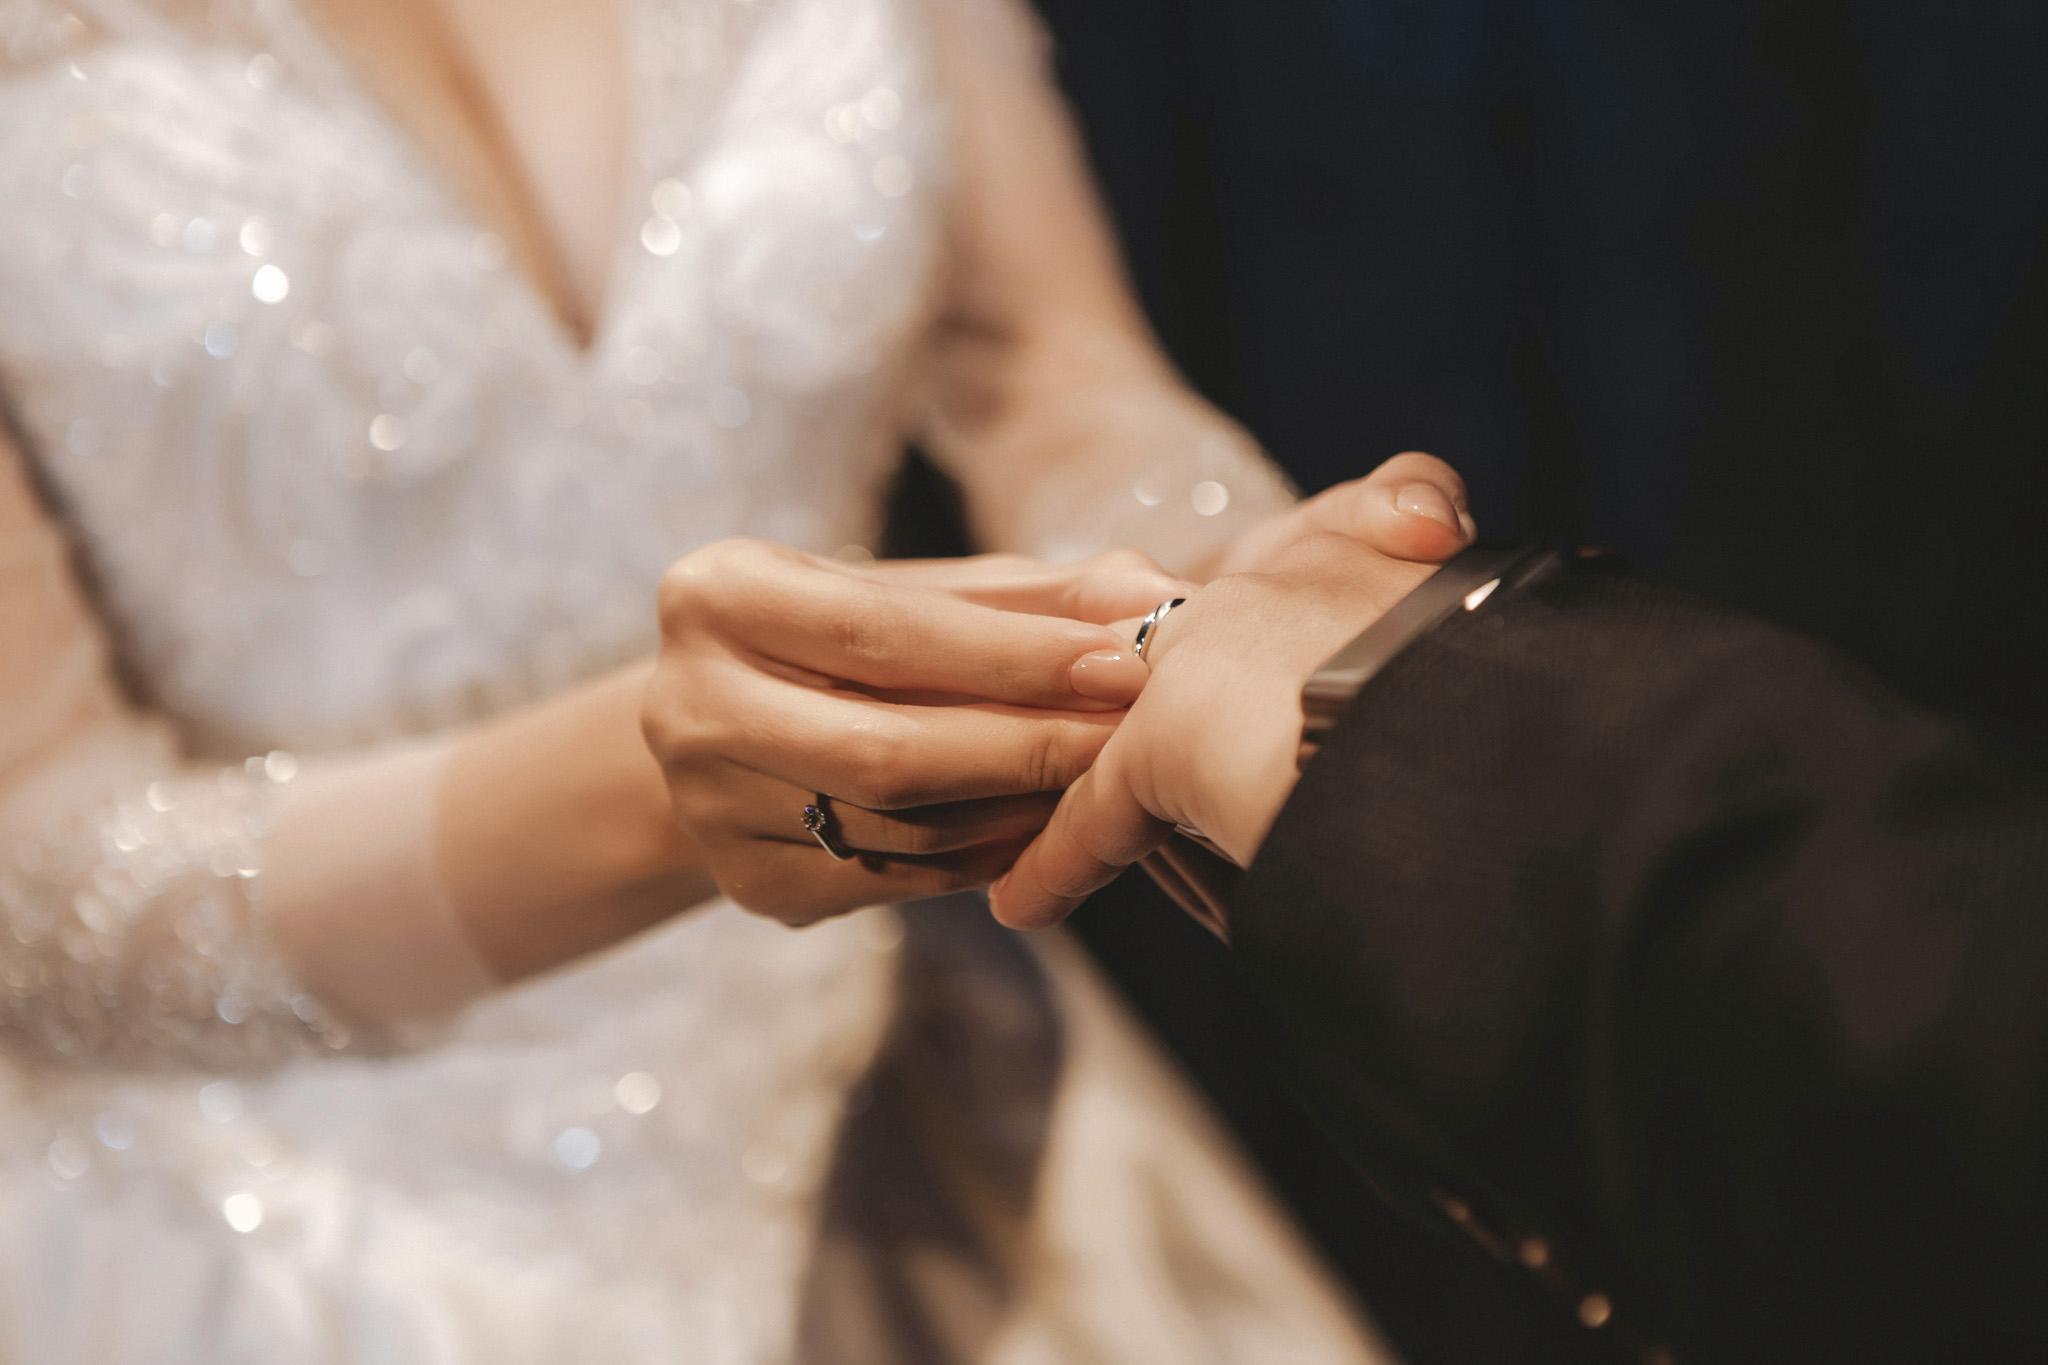 EW 居米 台北婚宴 台北婚紗 台北婚攝 國泰萬怡 台北婚禮 -35